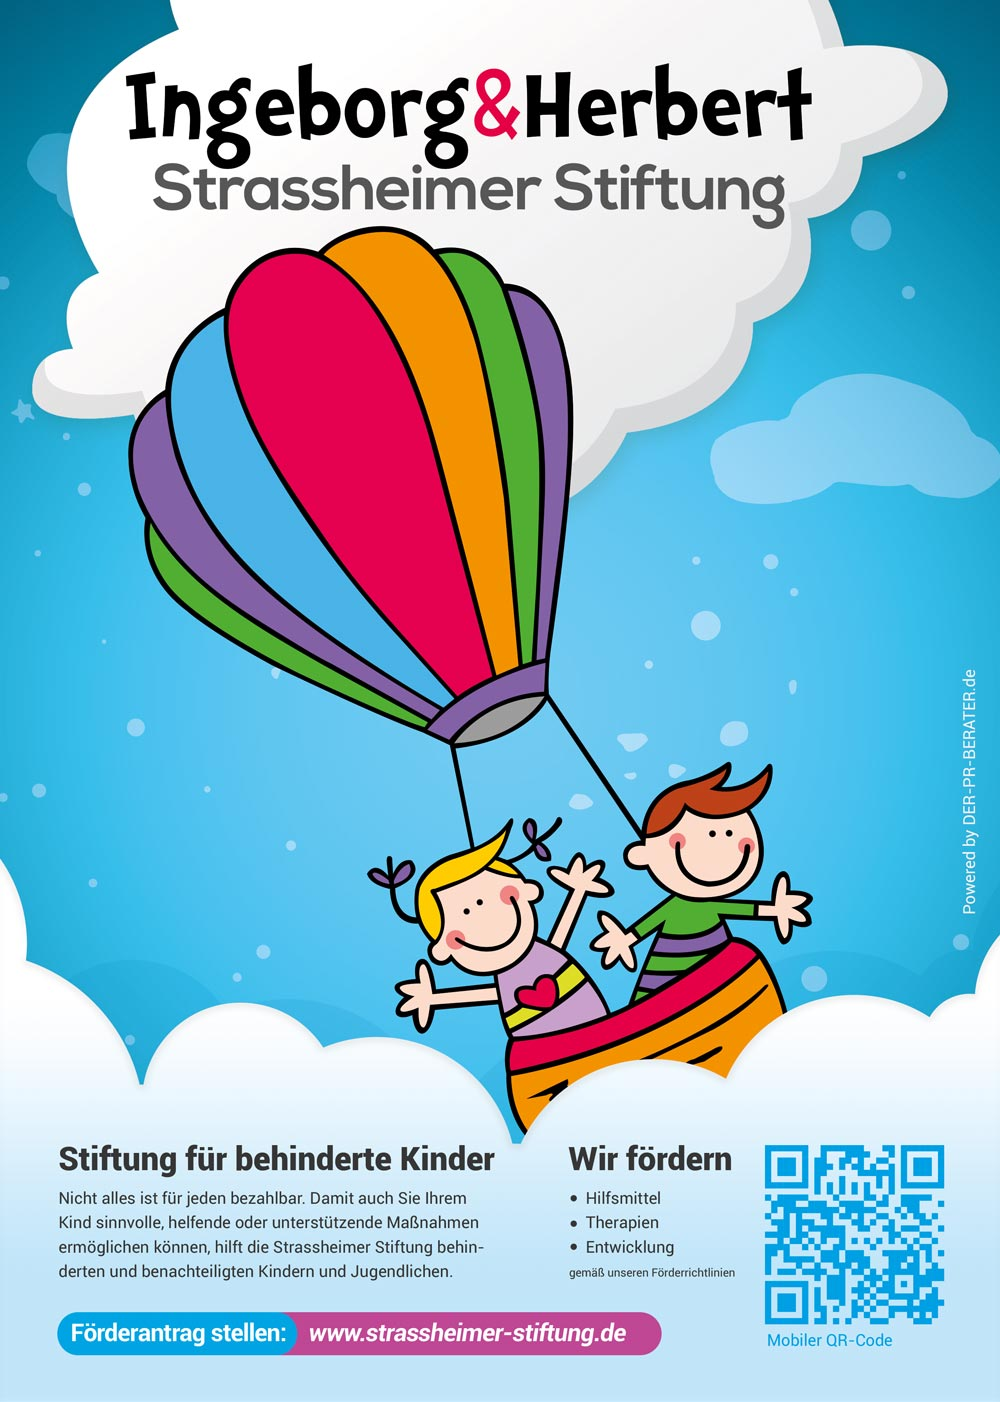 Ein PR / Info-Flyer der Strassheimer-Stiftung mit QR-Code